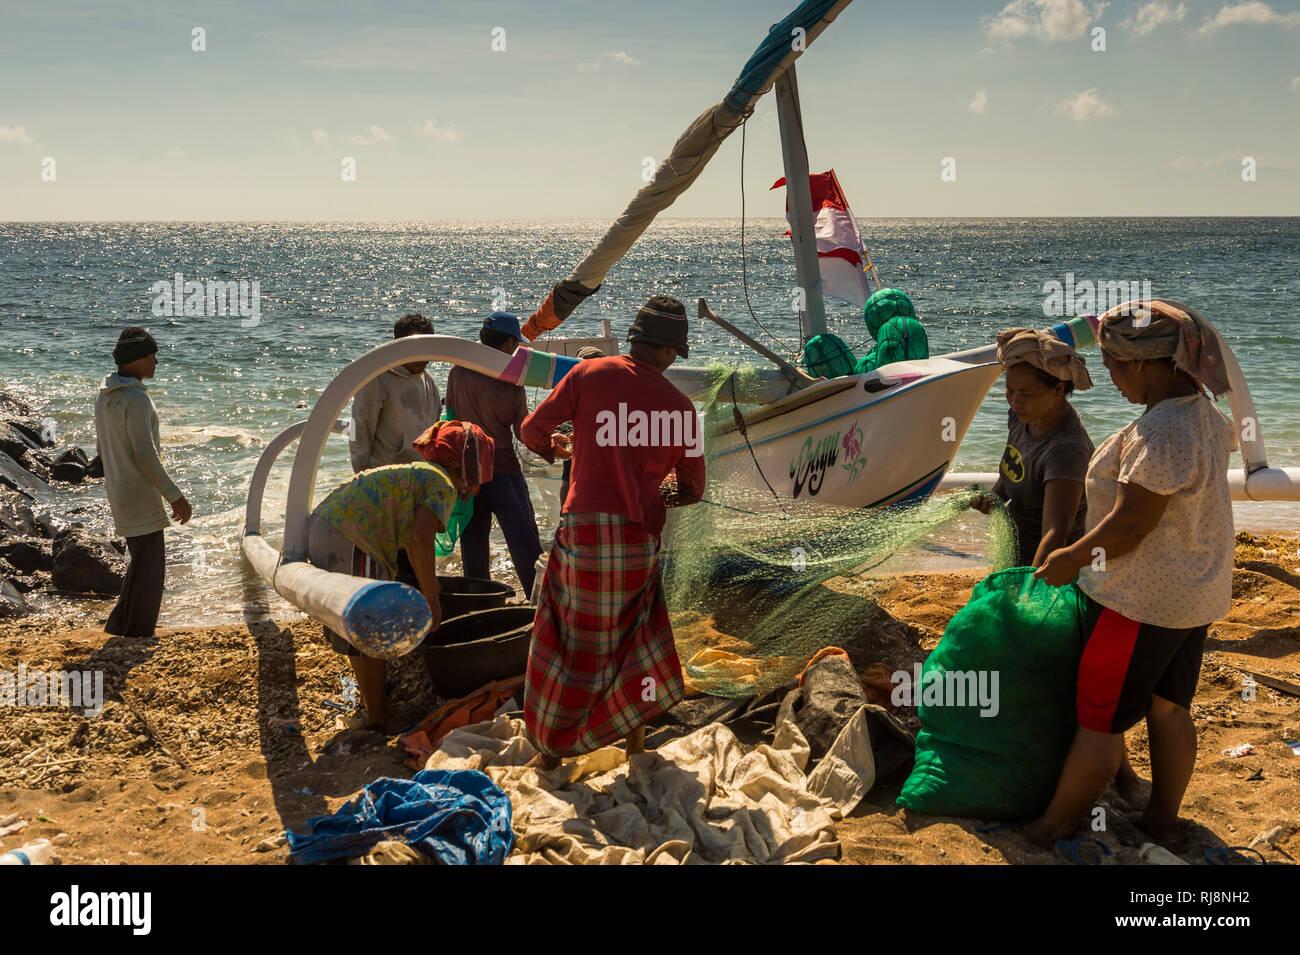 Amed, Fischer bei der Arbeit am Strand - Stock Image